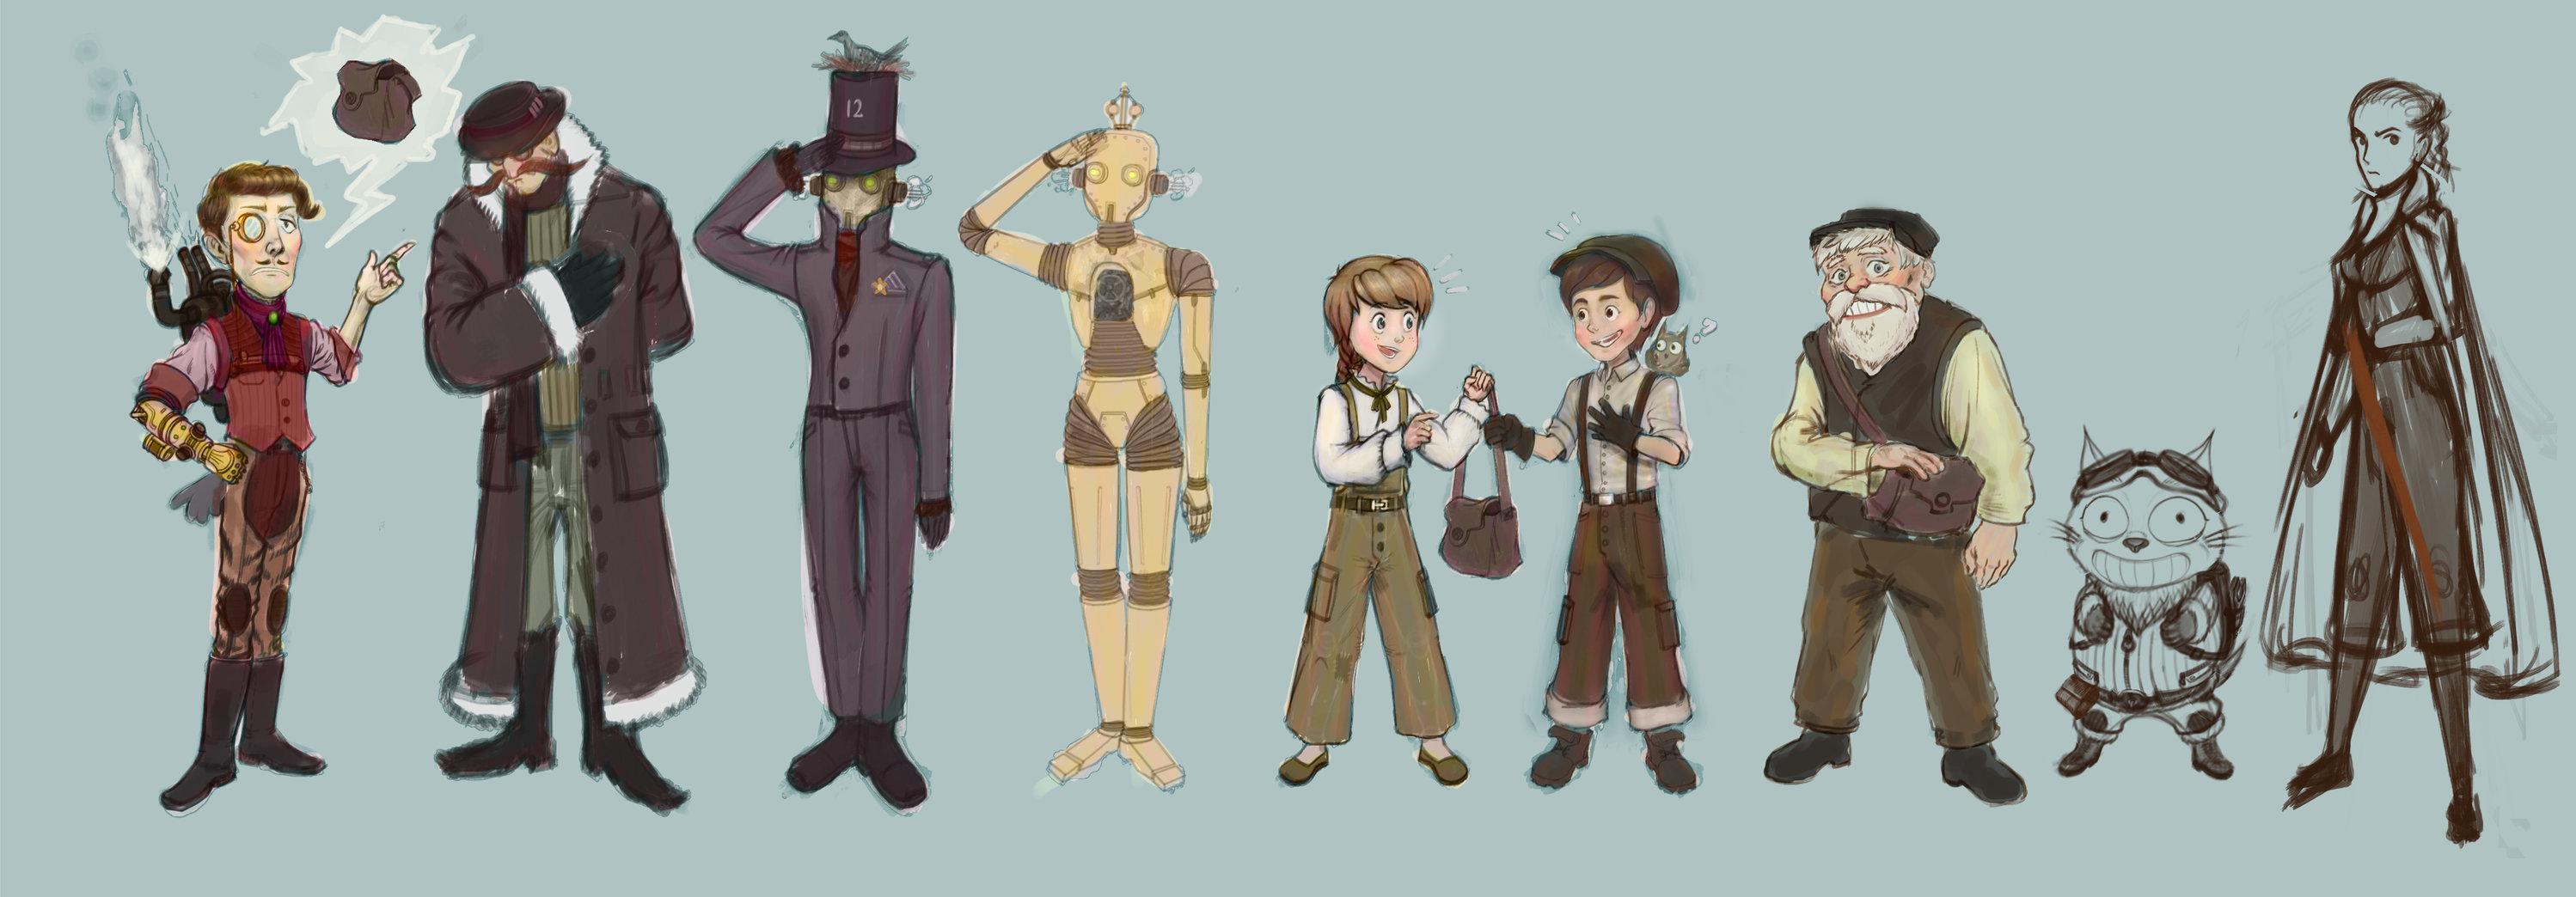 2 концепт персонажей.jpg